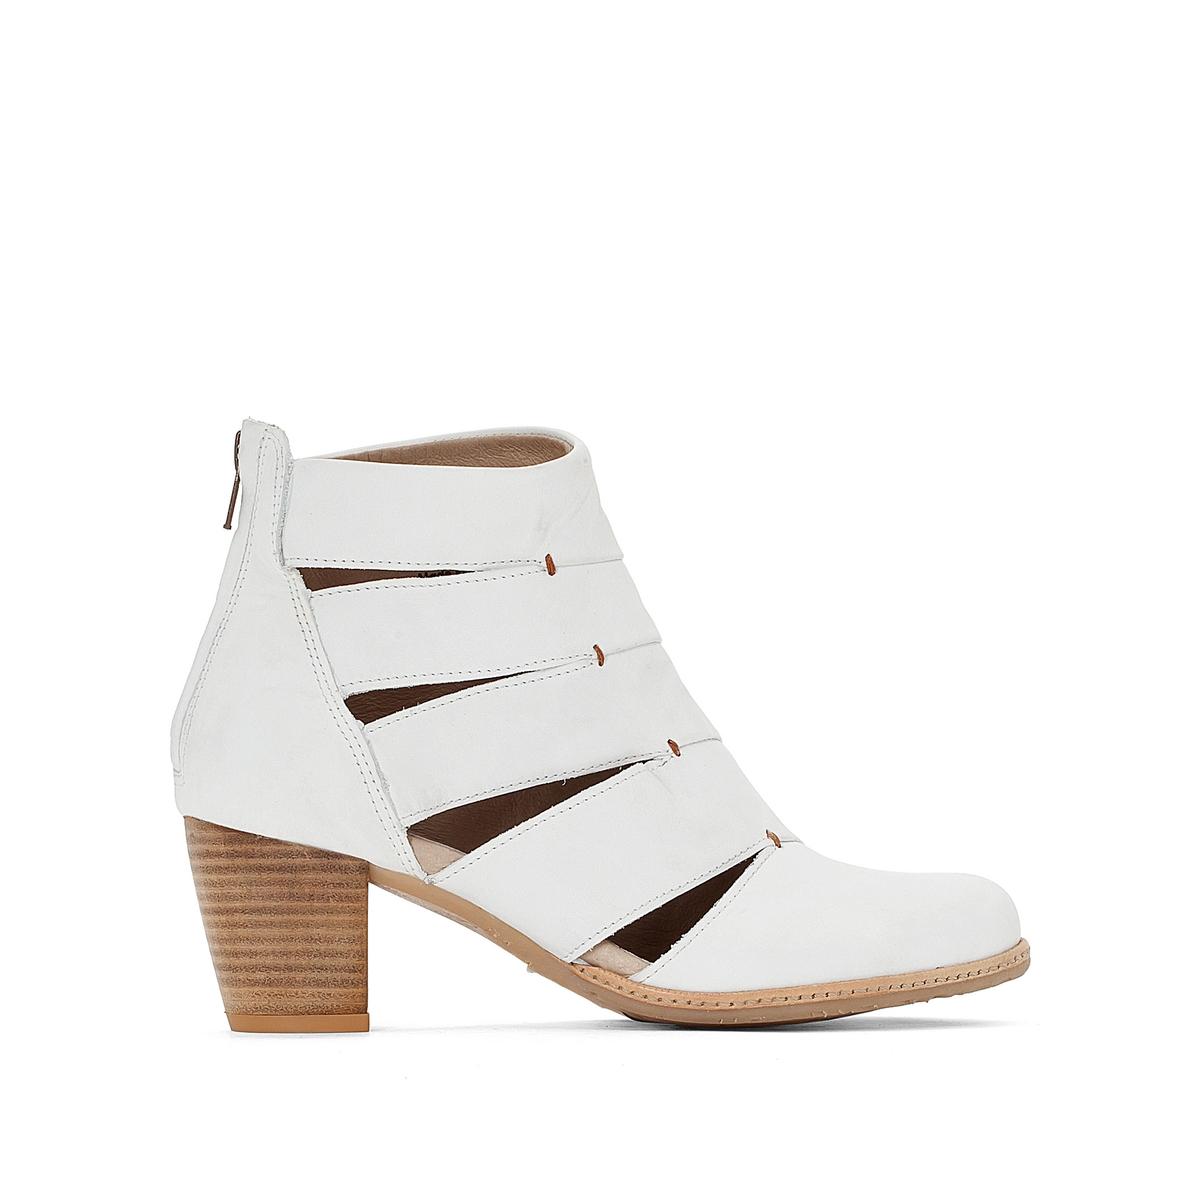 Ботинки кожаные VayleВерх/Голенище : кожа.        Подкладка : кожа.        Стелька : кожа.        Подошва : Каучук        Высота каблука : 5 см        Форма каблука :  широкий каблук        Мысок : закругленный        Застежка : молния<br><br>Цвет: белый<br>Размер: 39.38.37